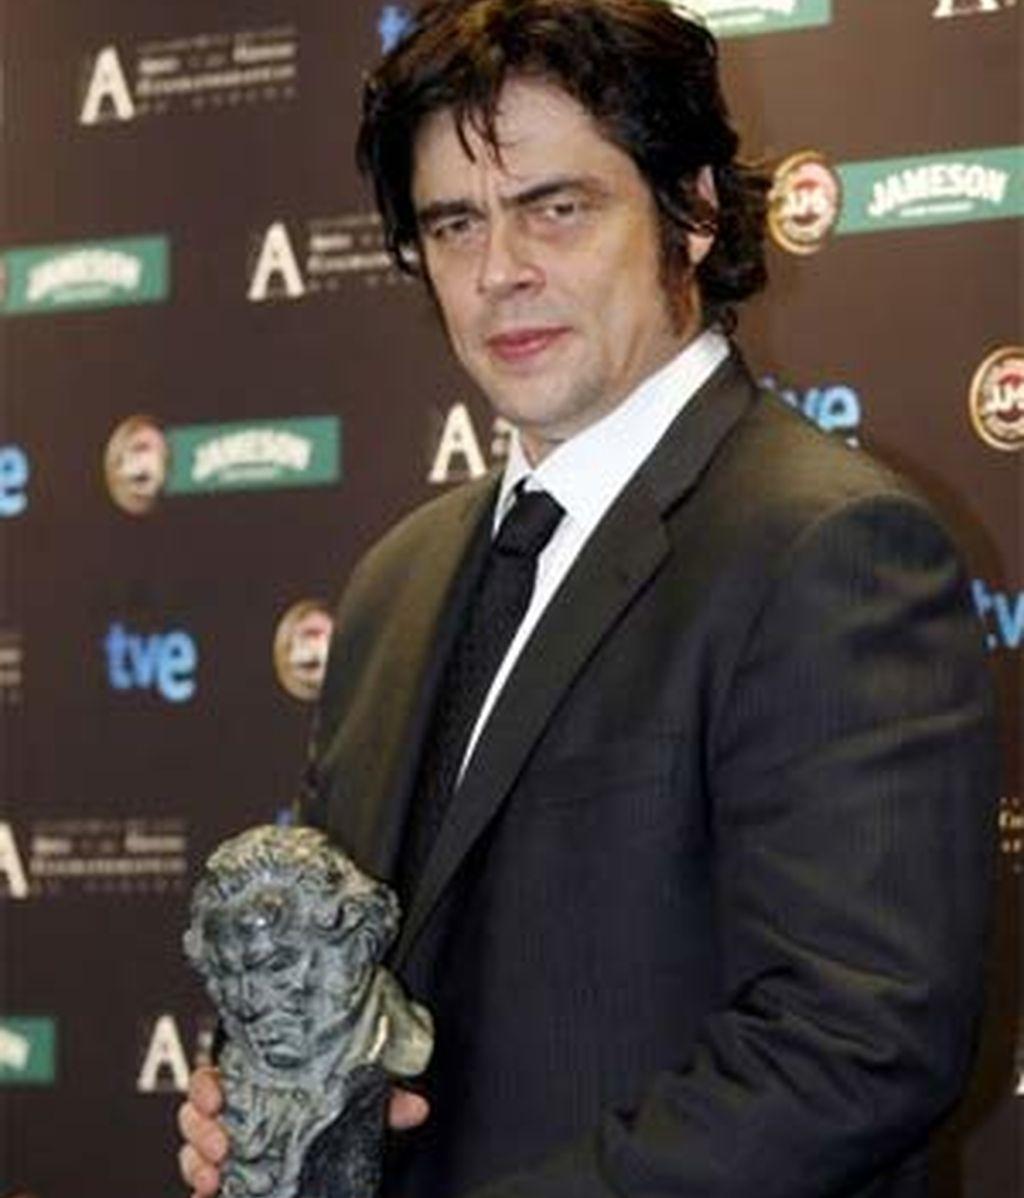 El actor Benicio del Toro, por su trabajo en la película 'Che, el argentino', ha recibido el reconocimiento de la Academia de Cine. Foto: EFE.